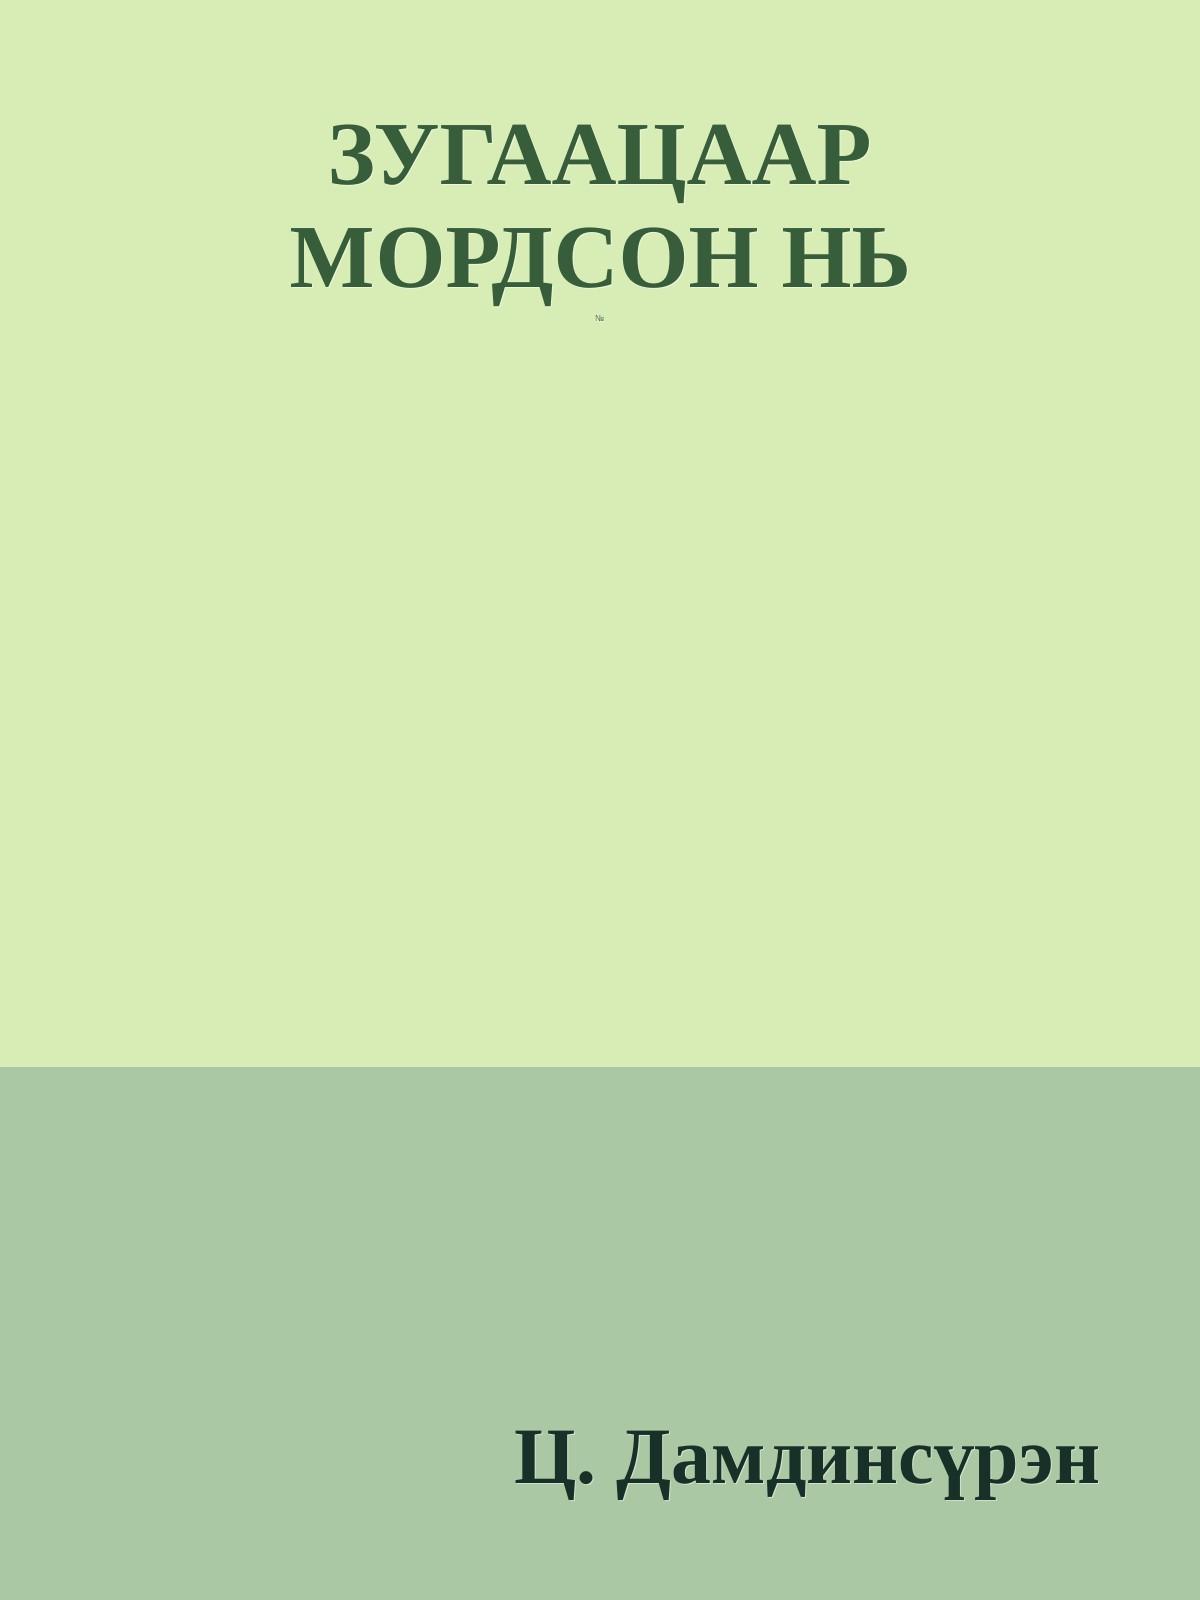 ЗУГААЦААР МОРДСОН НЬ